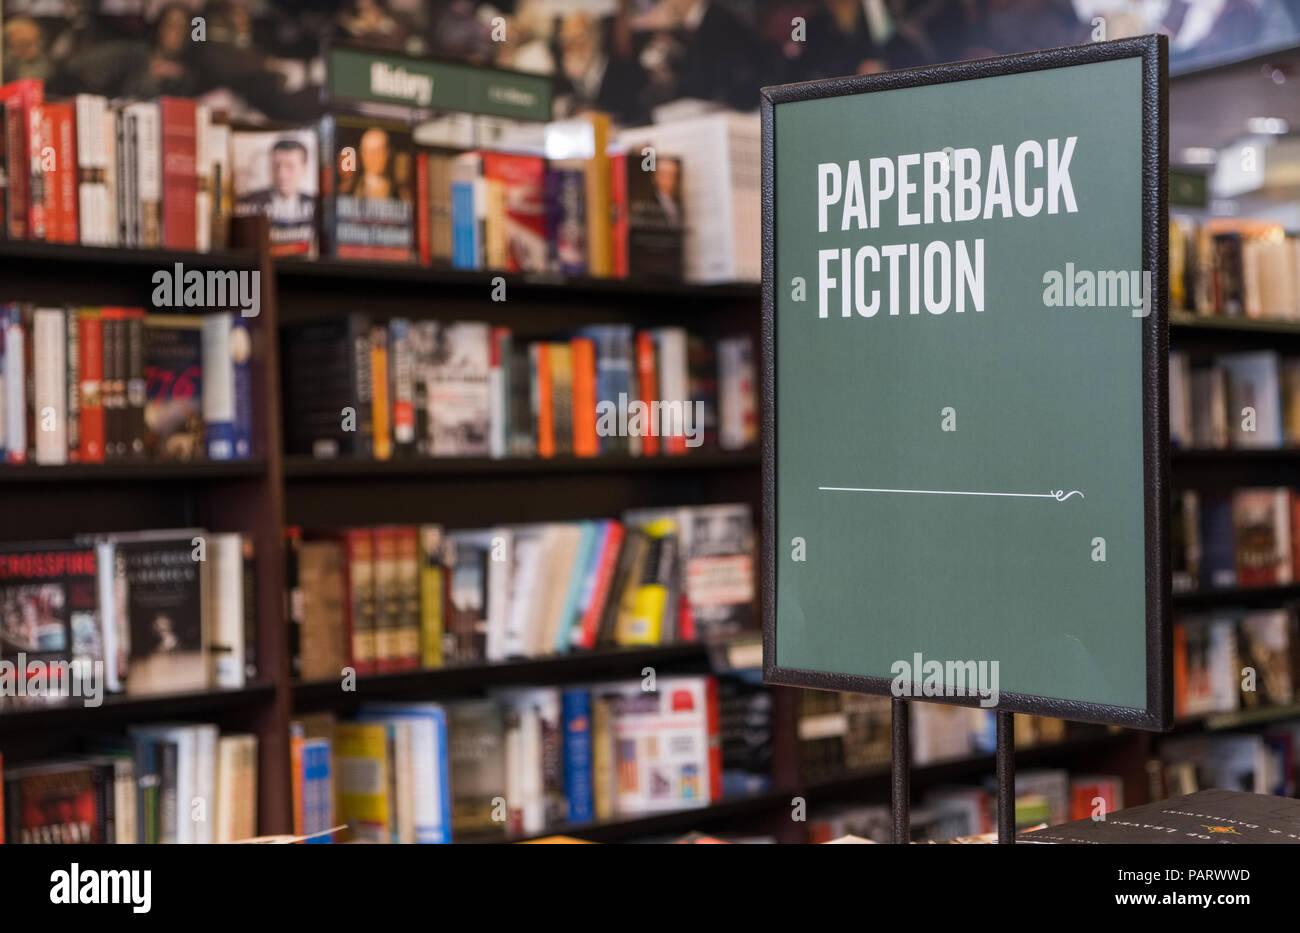 Taschenbuch Belletristik Bücher in einem Buchladen, Großbritannien Stockbild